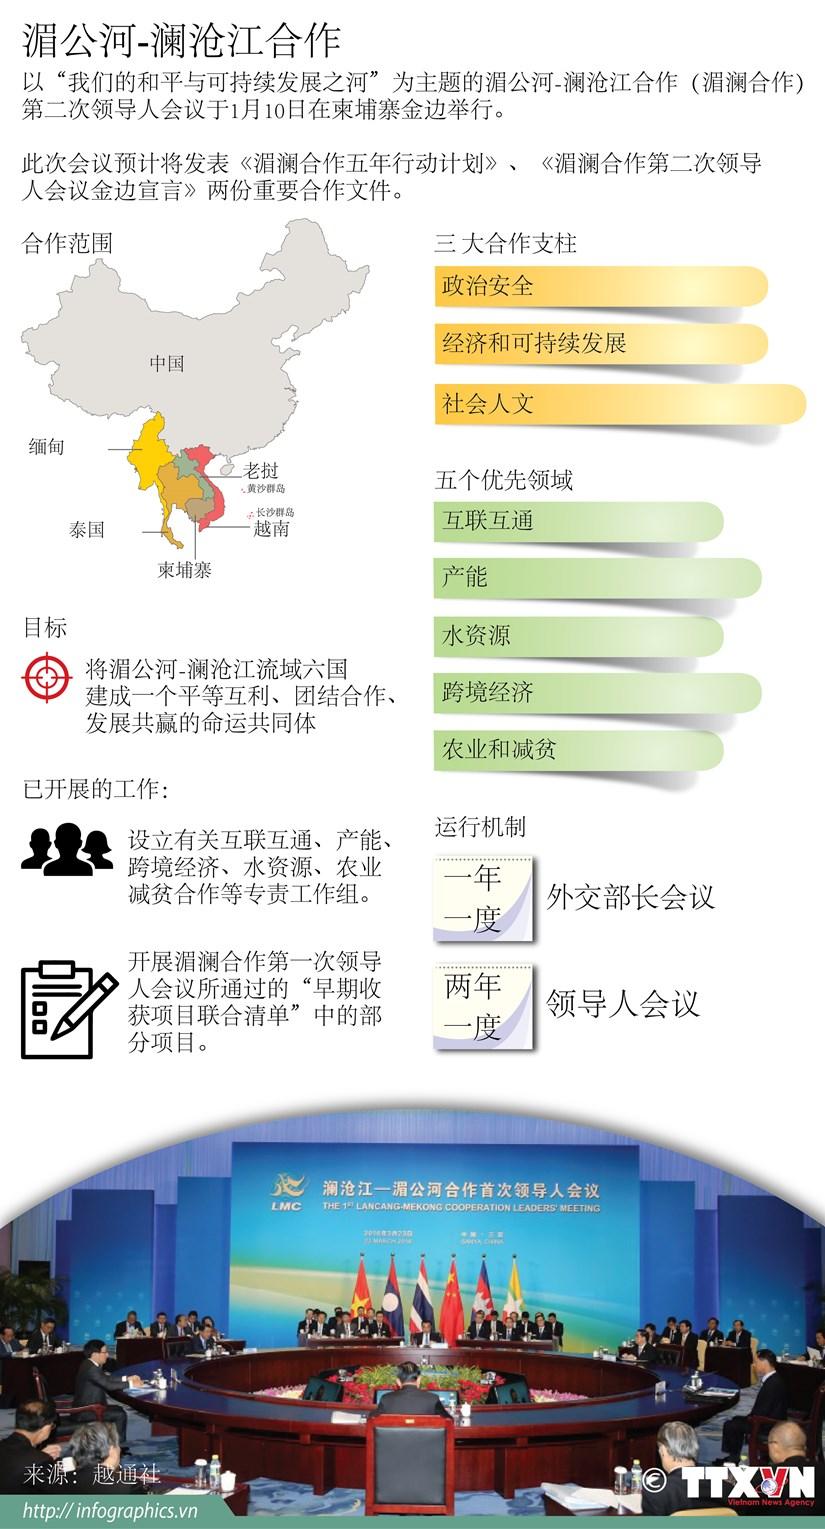 图表新闻:湄公河—澜沧江合作 hinh anh 1